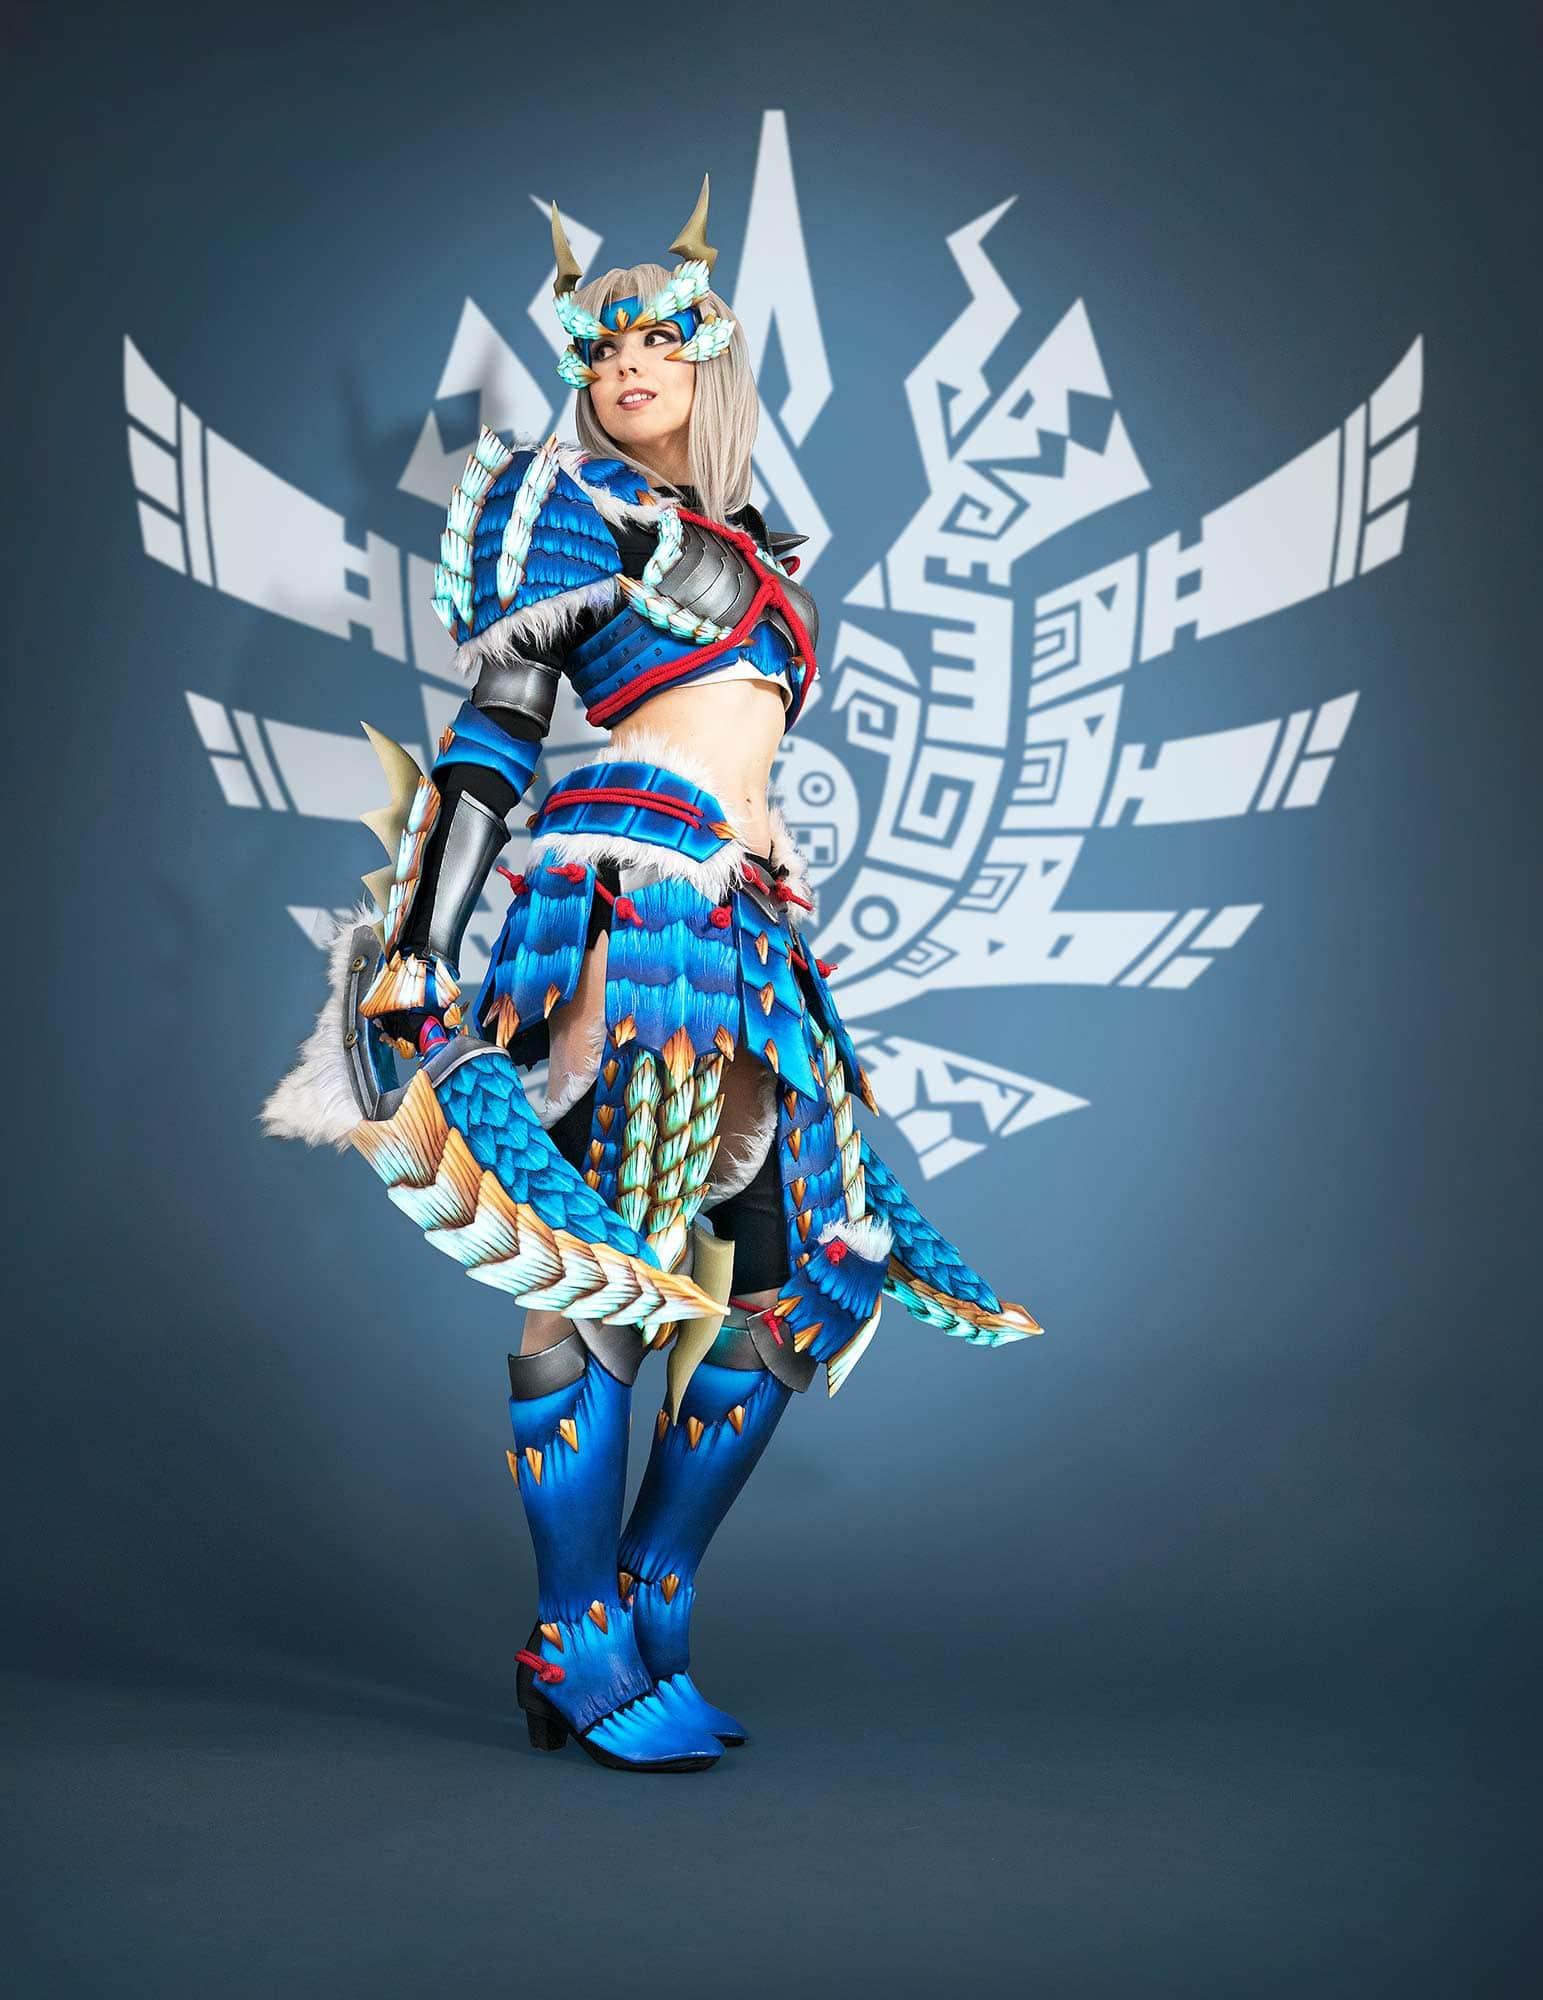 Zinoge Armor Monster Hunter Cosplay Costume